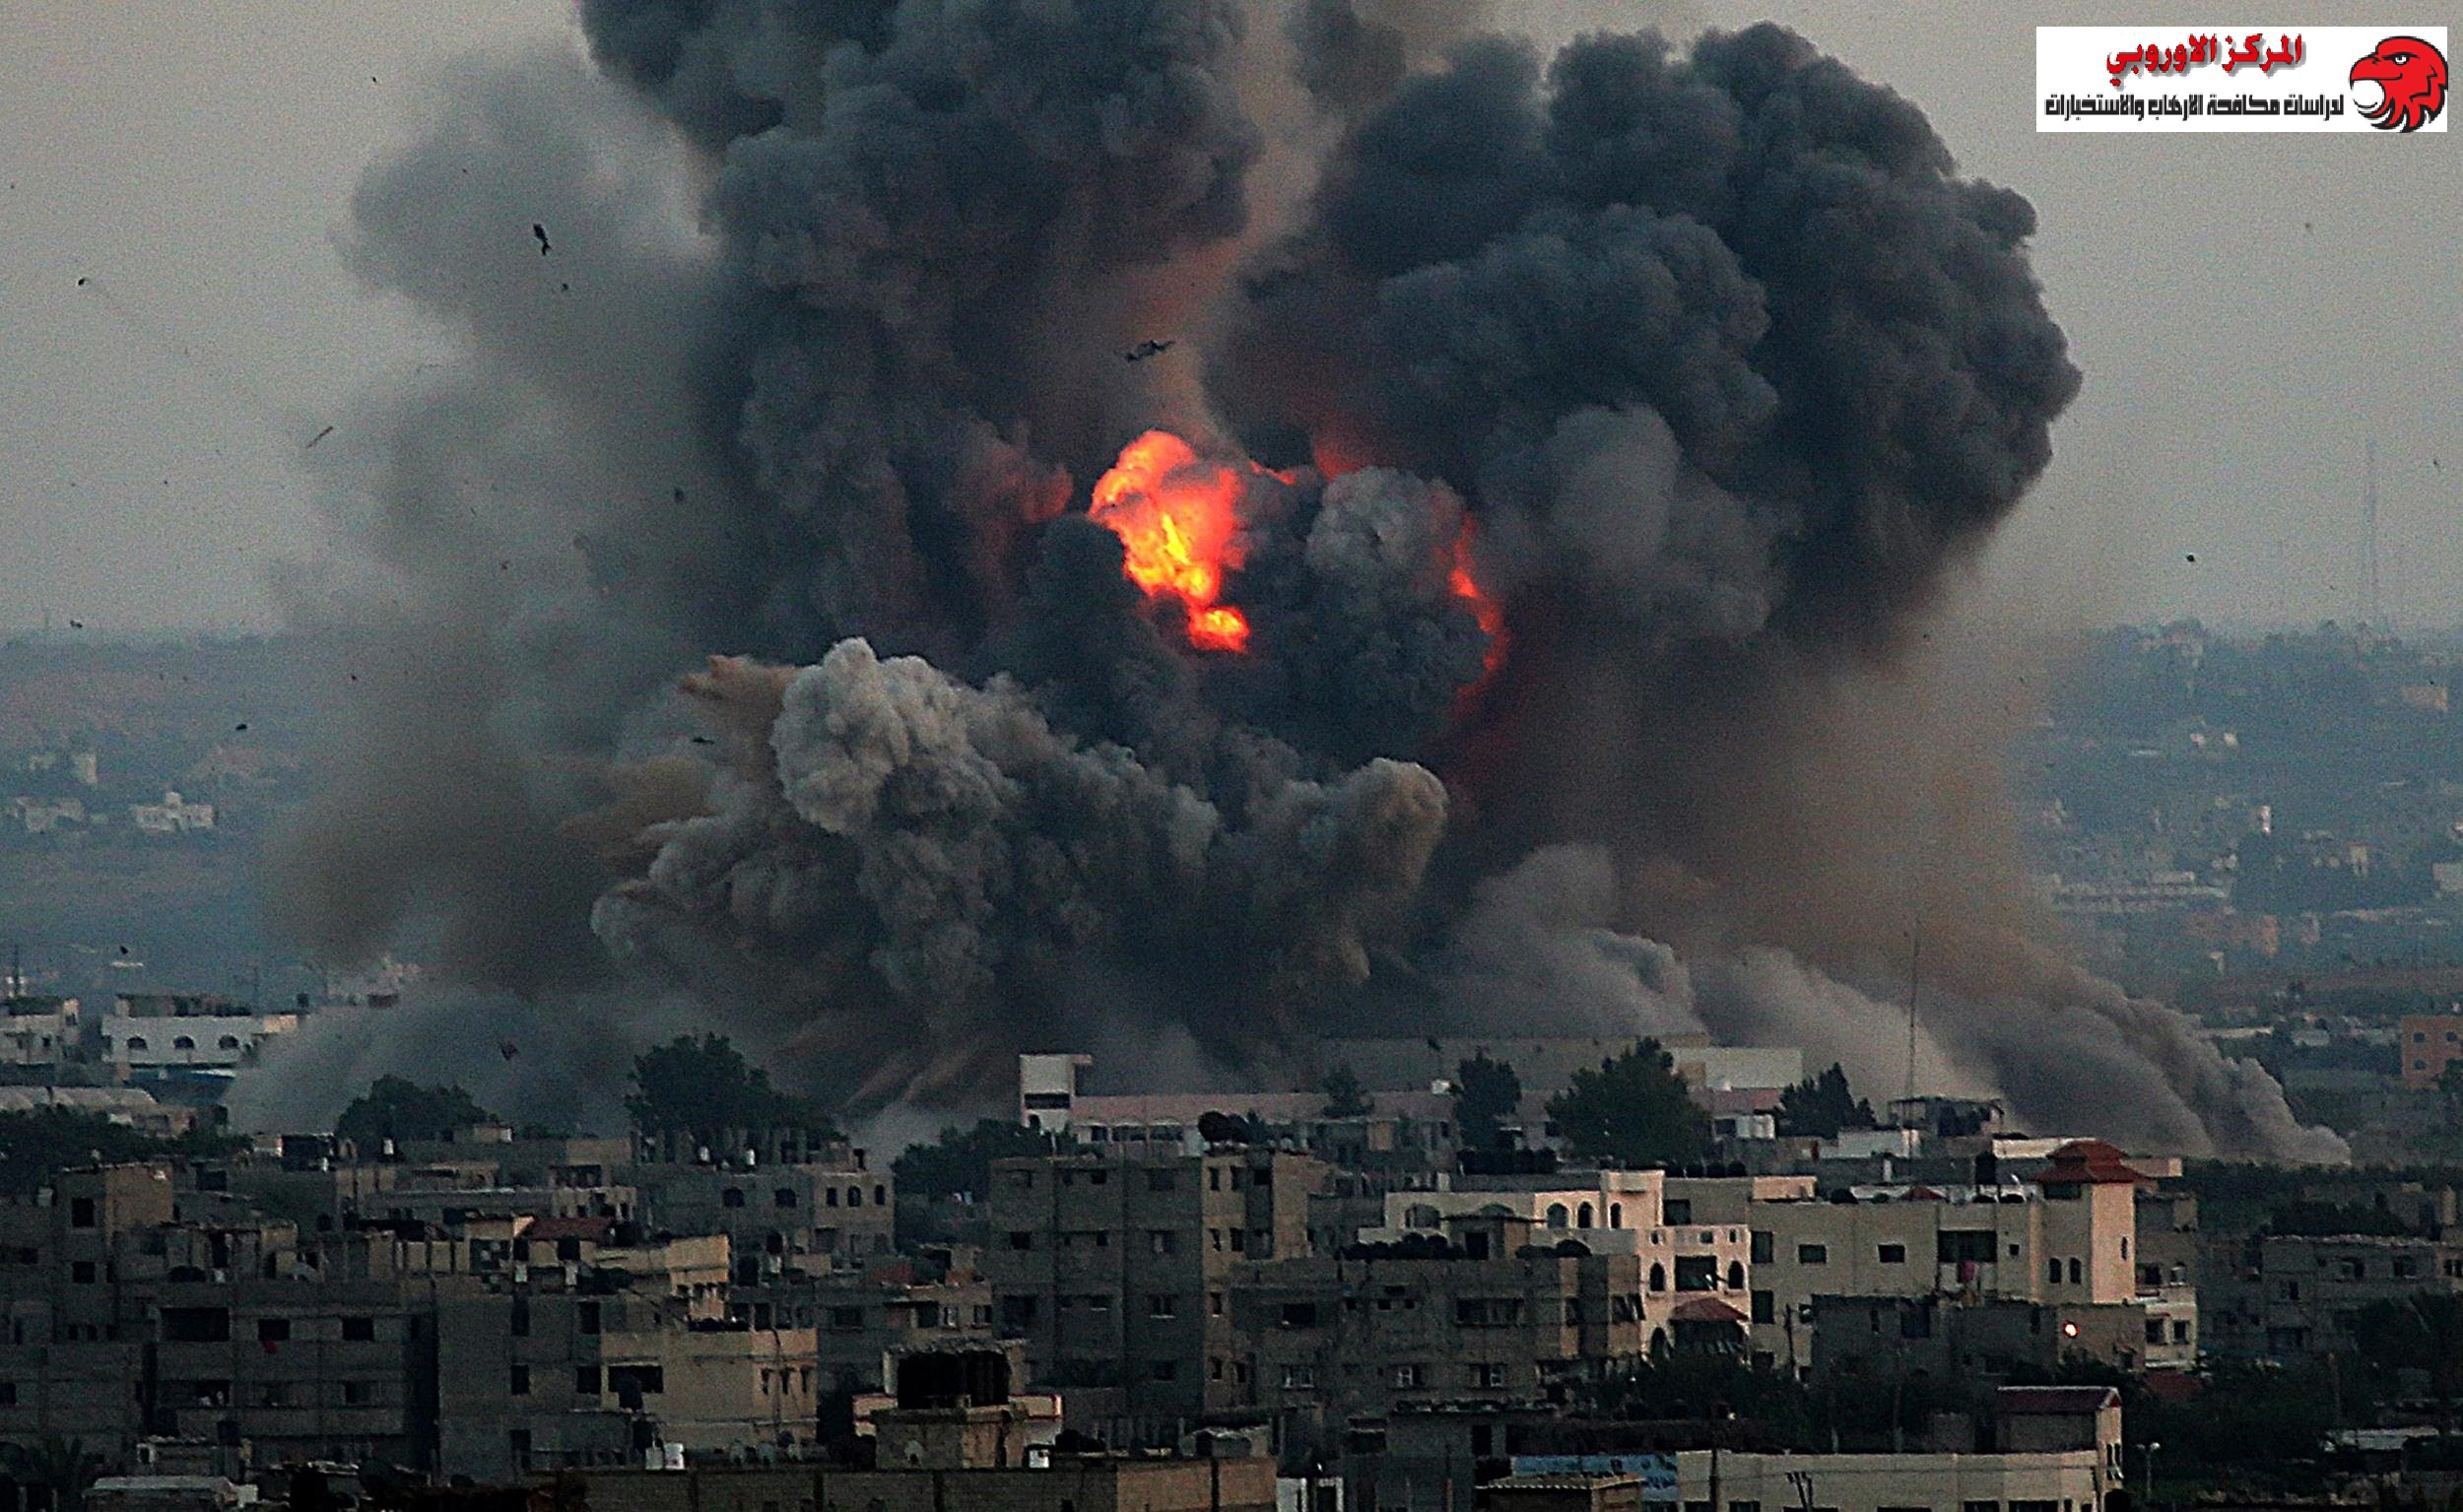 تعرف على قائمة الجماعات المتطرفة في سوريا وخلفياتها